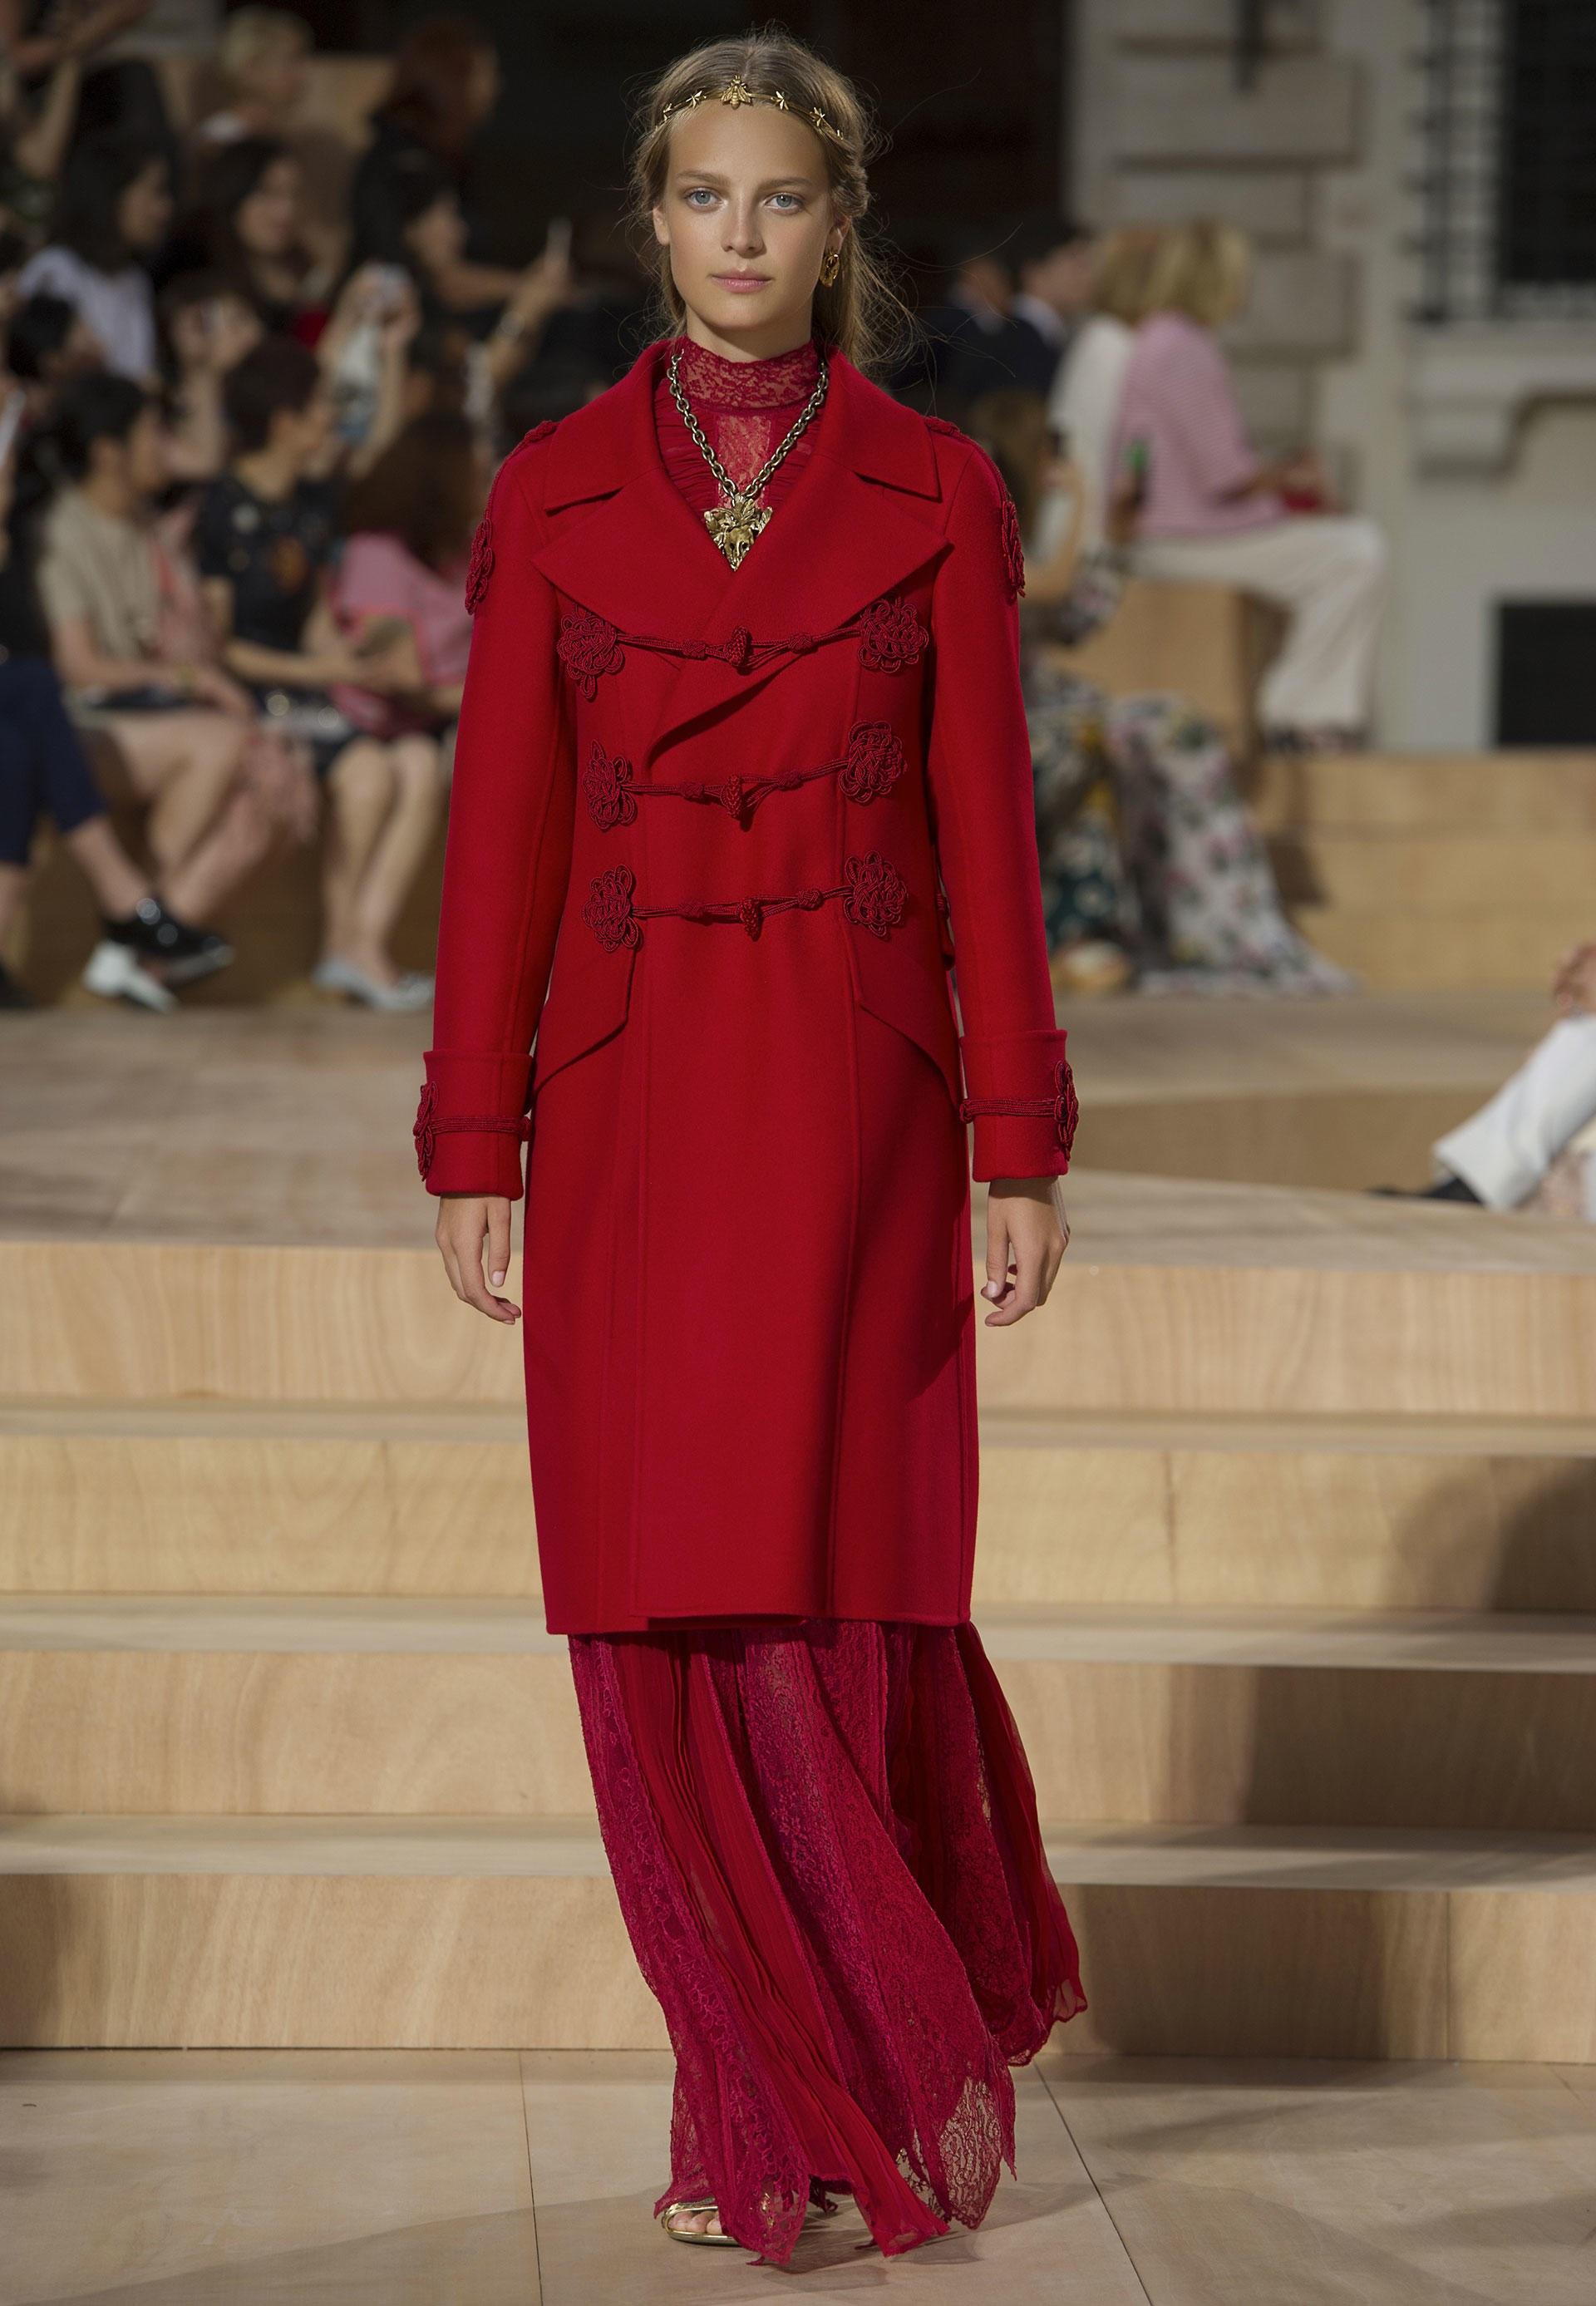 2b6038981518 Vestito rosso e accessori, consigli | DireDonna